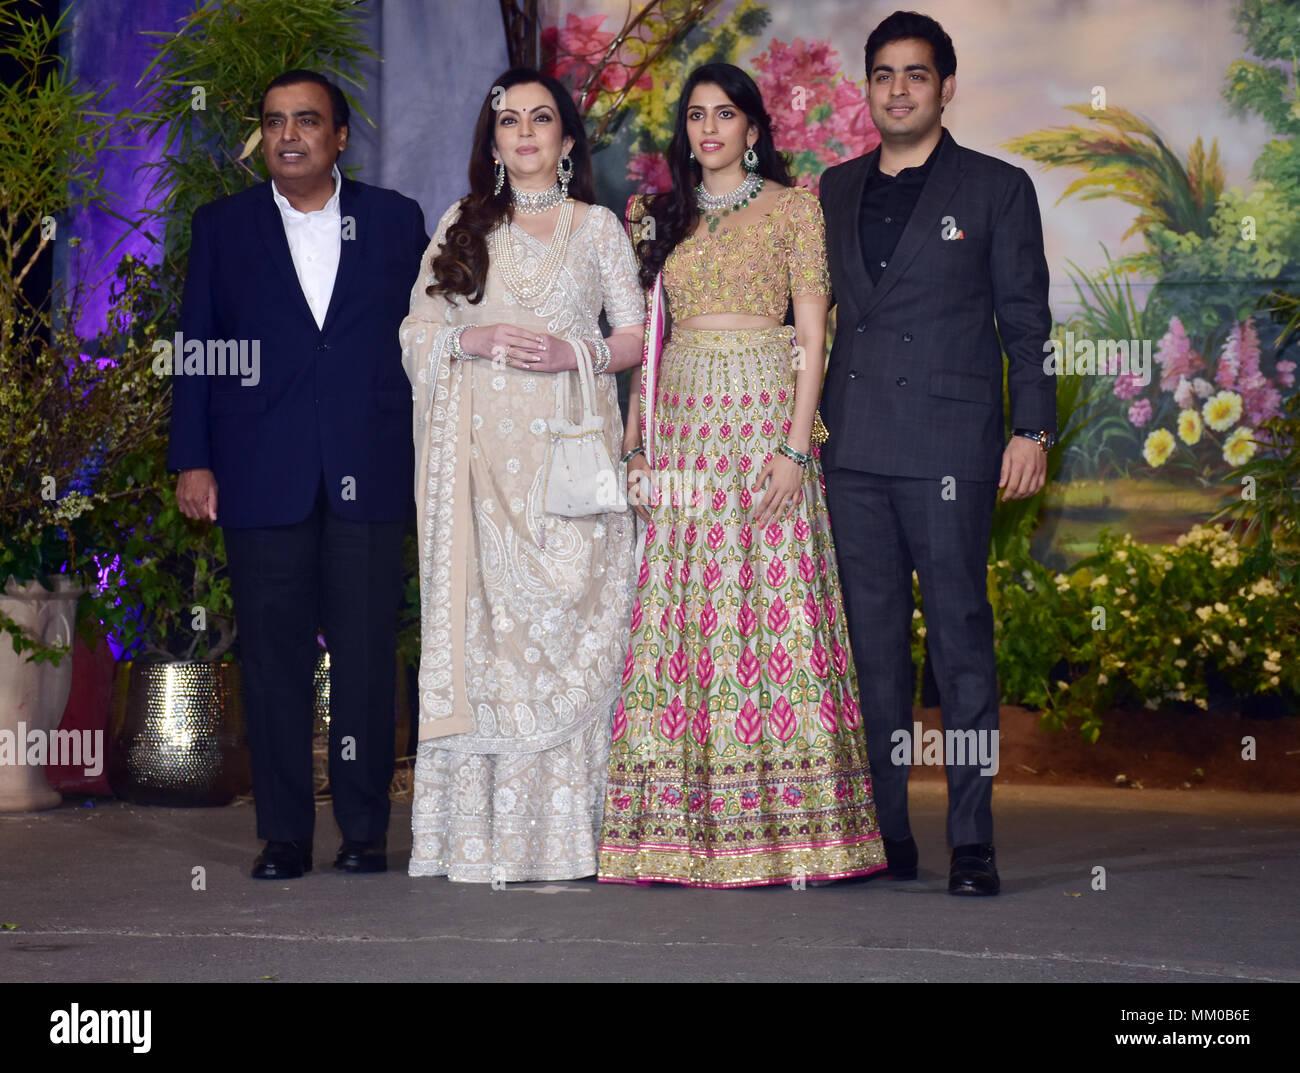 Indian businessman Mukesh Ambani with wife Nita Ambani, Shloka Mehta and Akash Ambani attend the wedding reception of actress Sonam Kapoor and Anand Ahuja at hotel Leela in Mumbai. - Stock Image